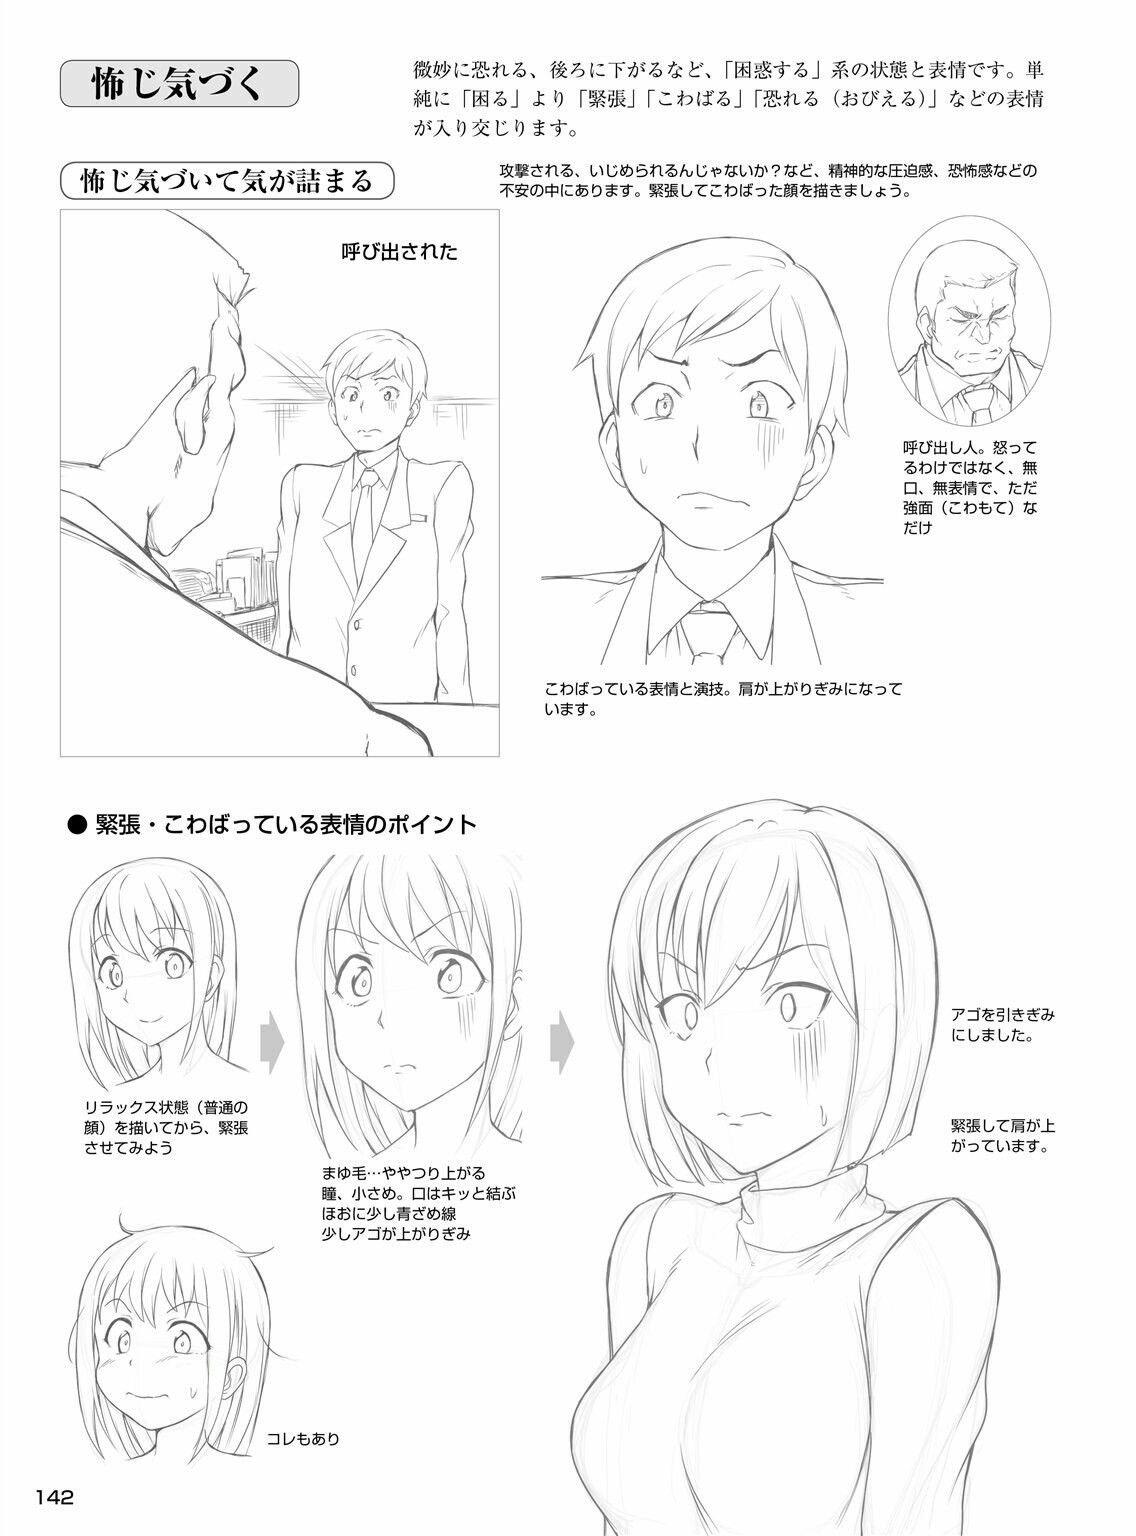 awkward Manga drawing tutorials, Drawing